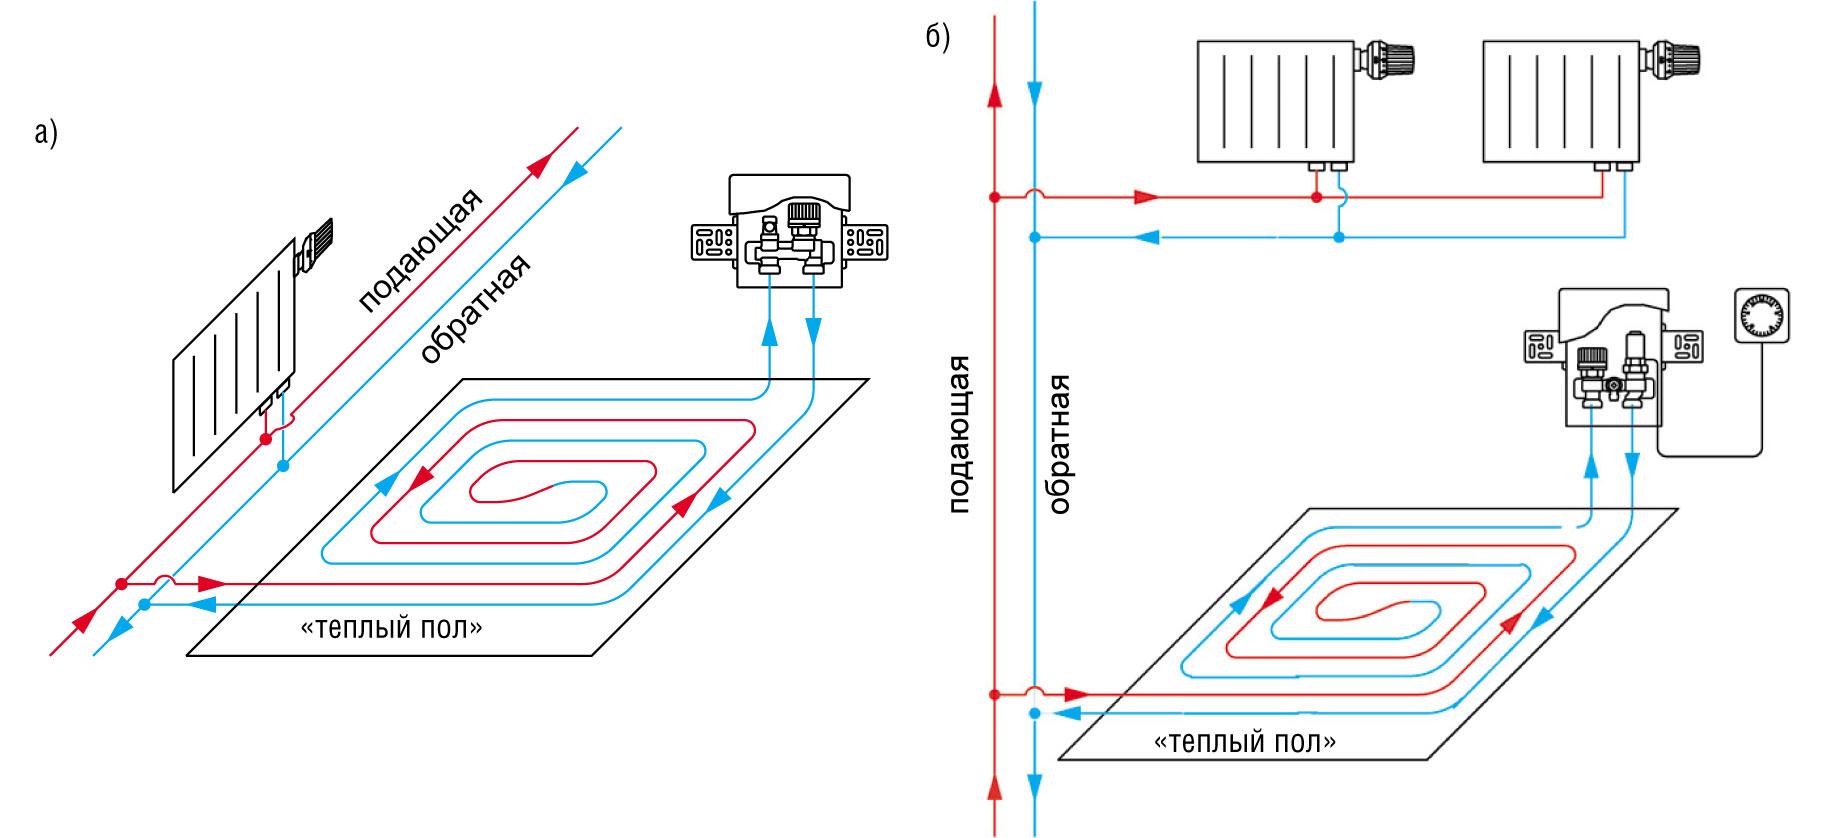 Схемы подключения теплого пола к простому отоплению